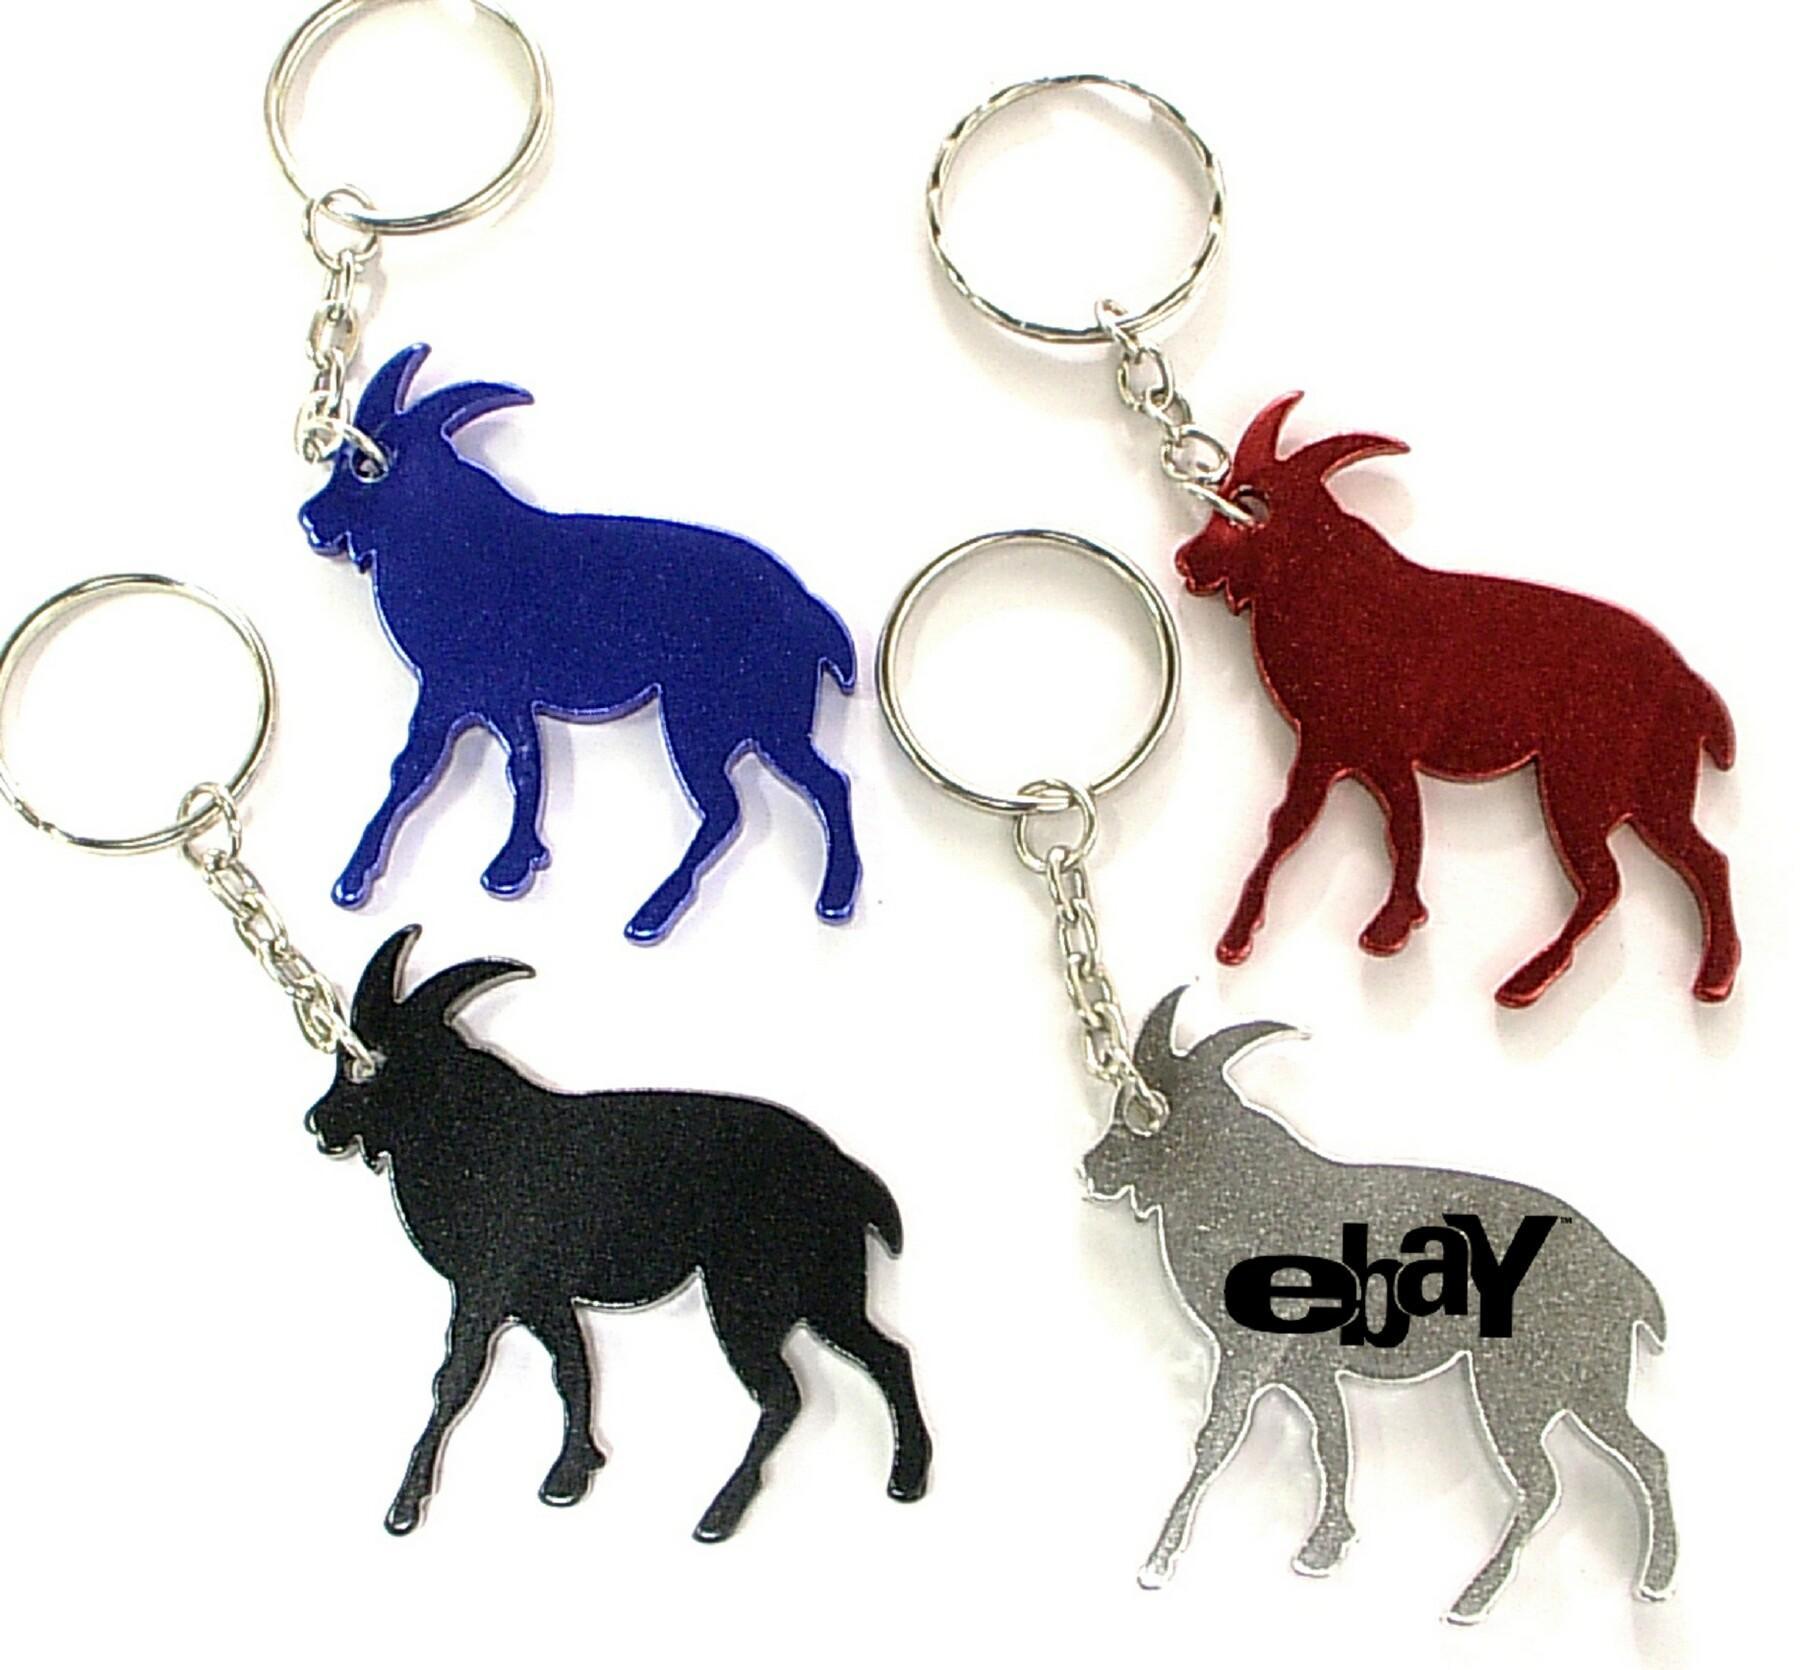 goat shape bottle opener with key chain logo branded brava. Black Bedroom Furniture Sets. Home Design Ideas